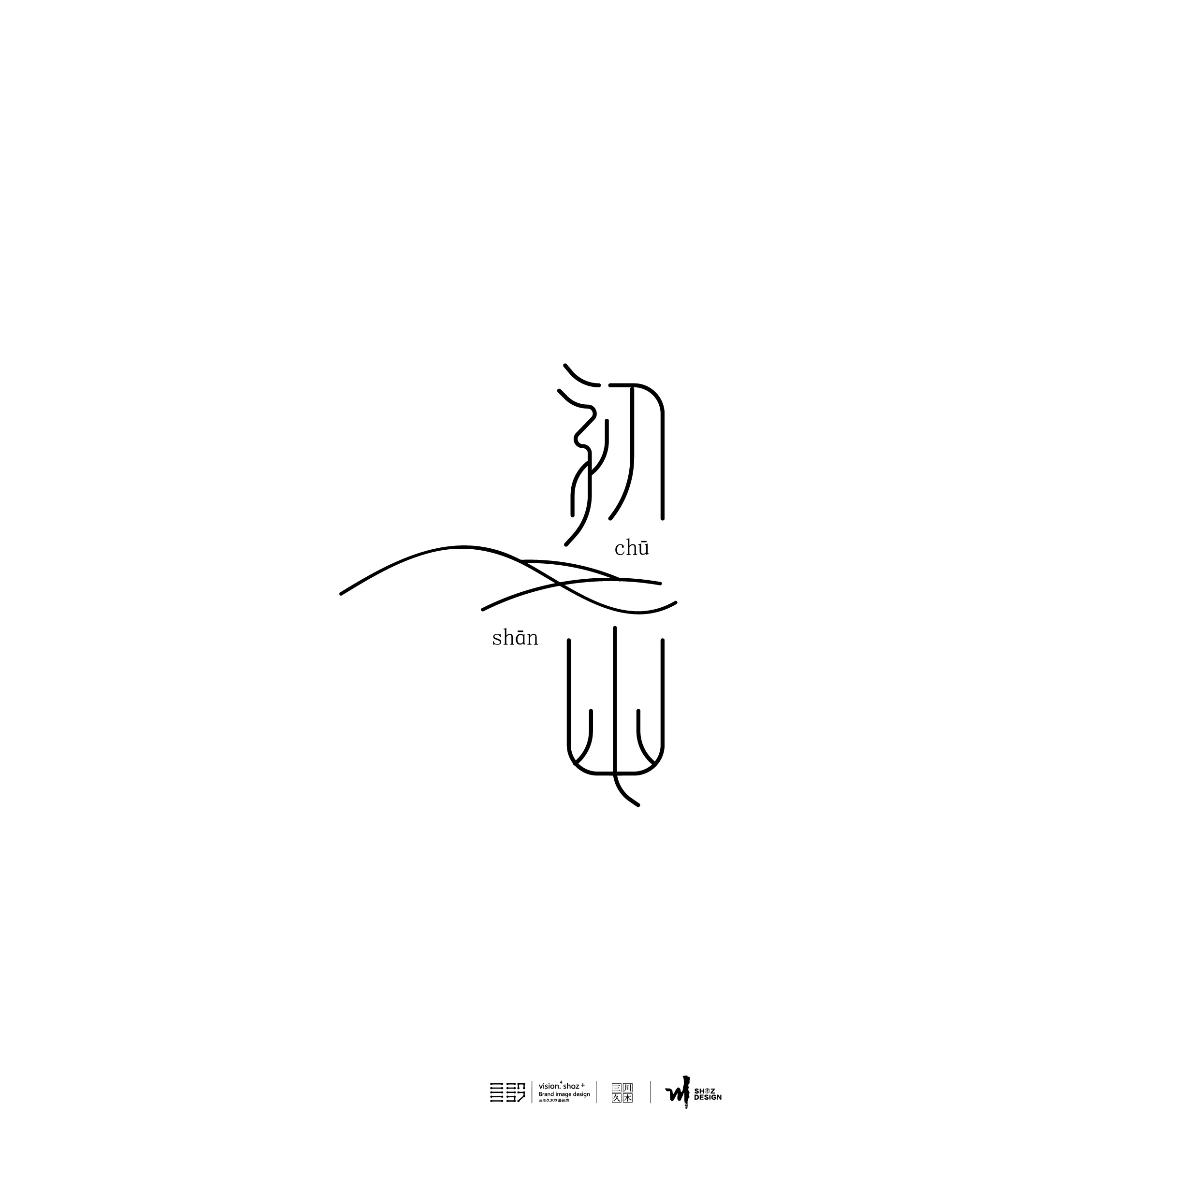 初山丿字体标志设计丿三川久木